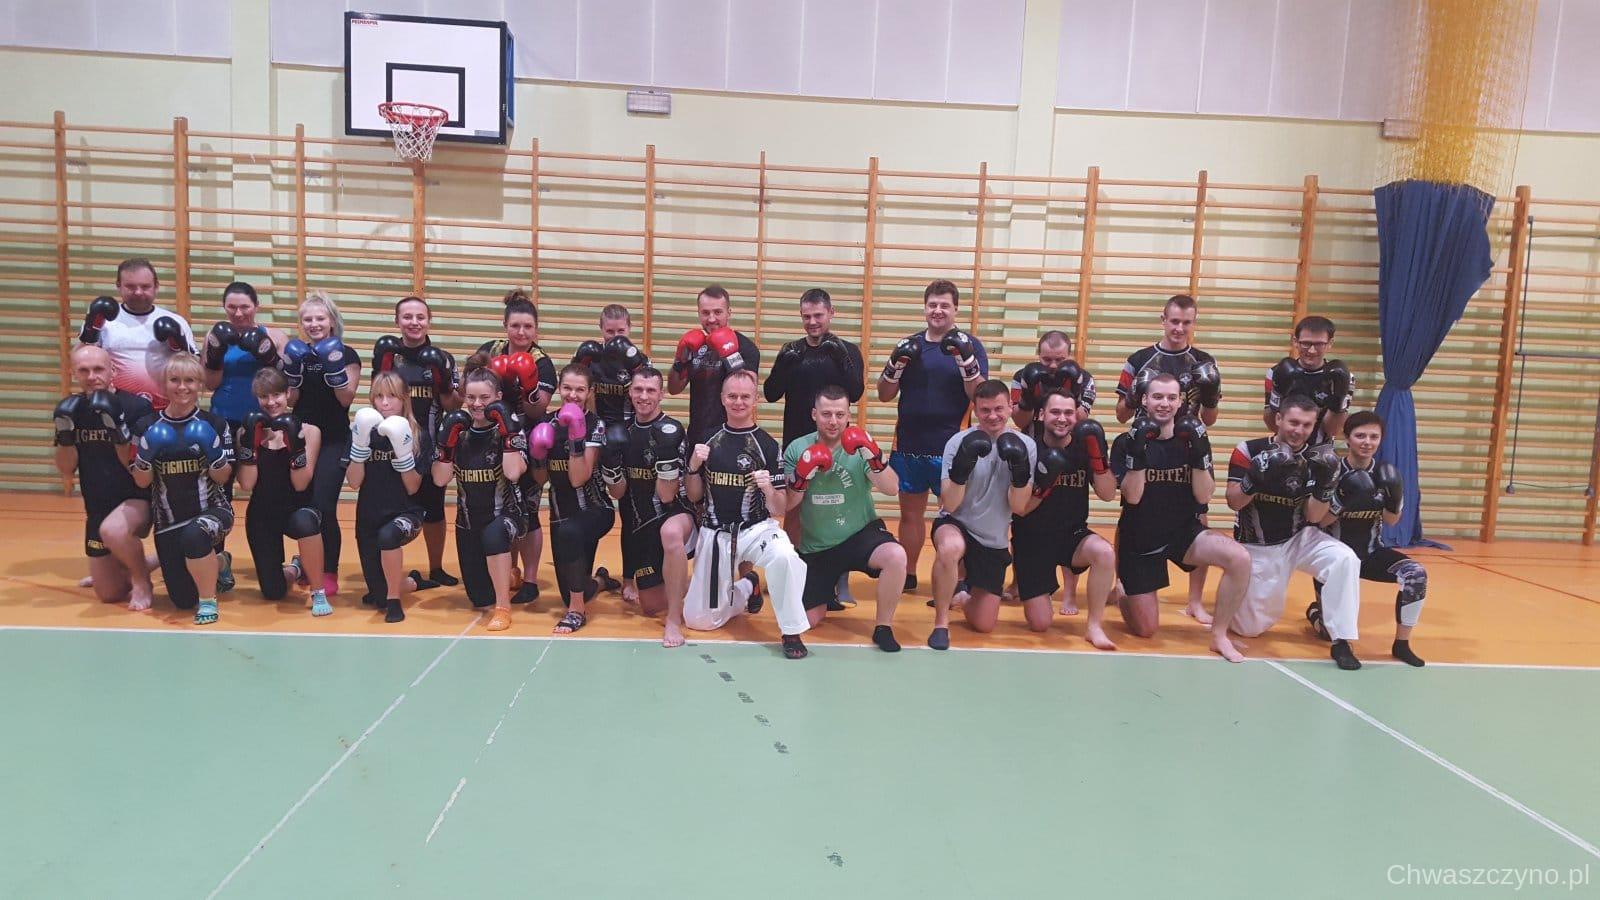 egzamin kickboxing1